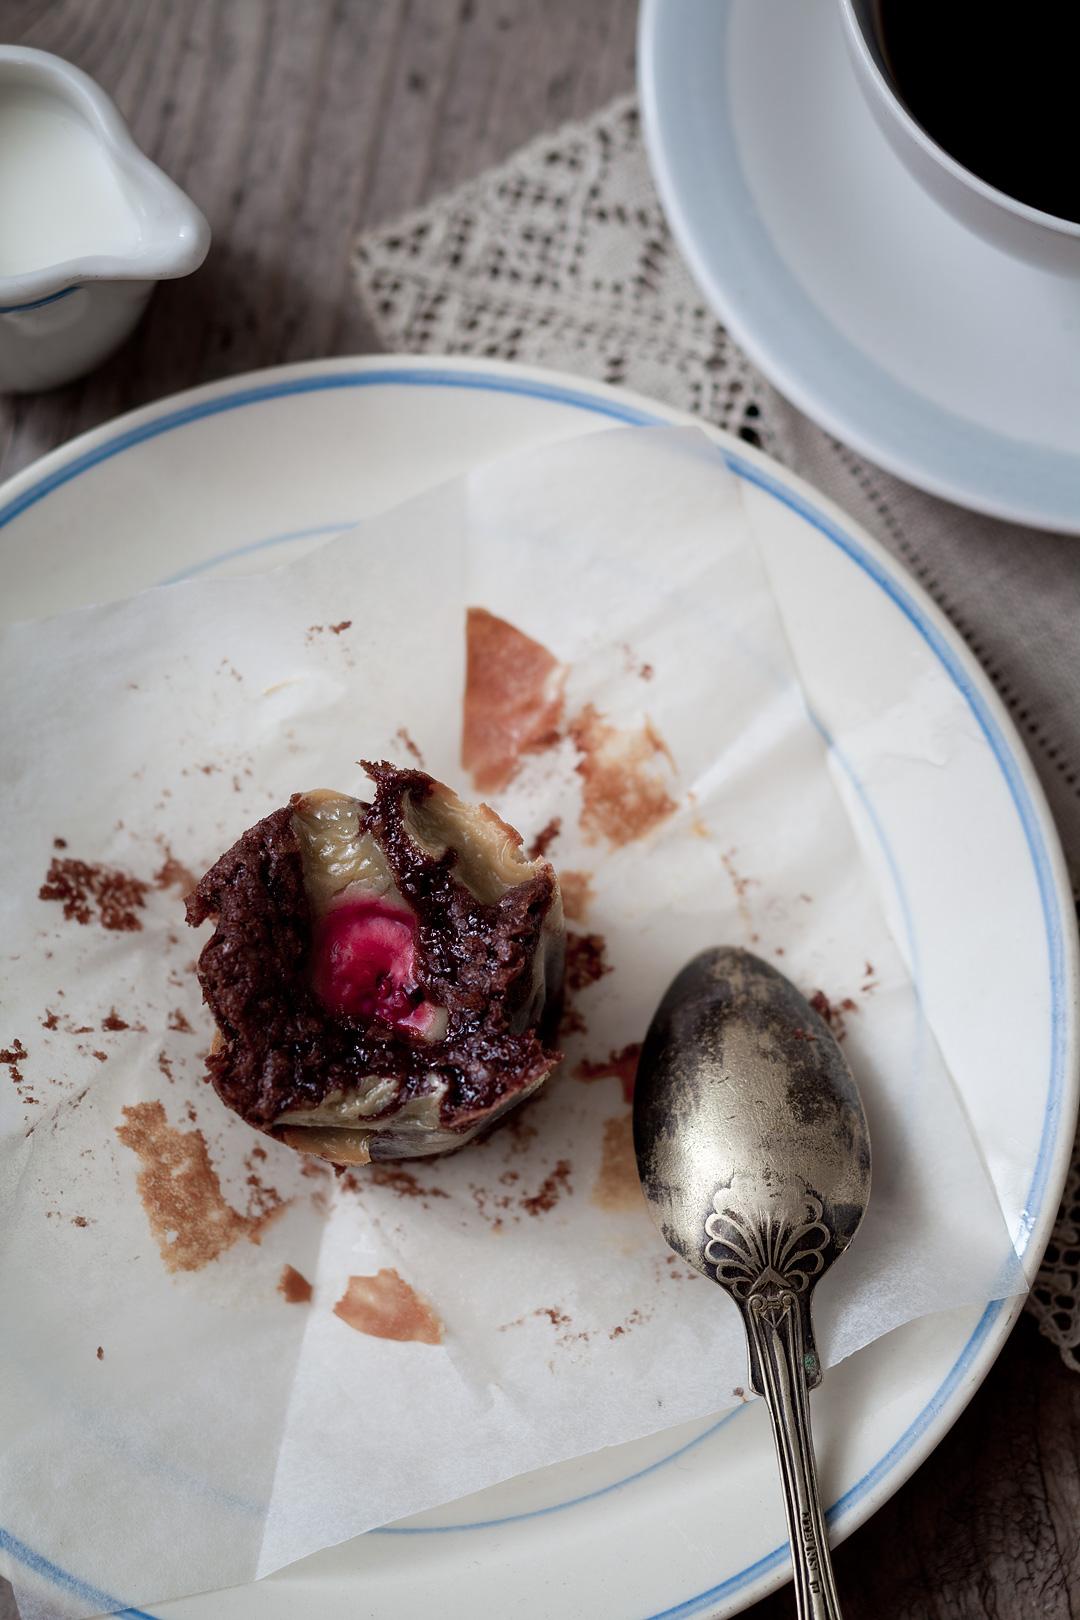 Muffinsformar6©Anna-Lefvert